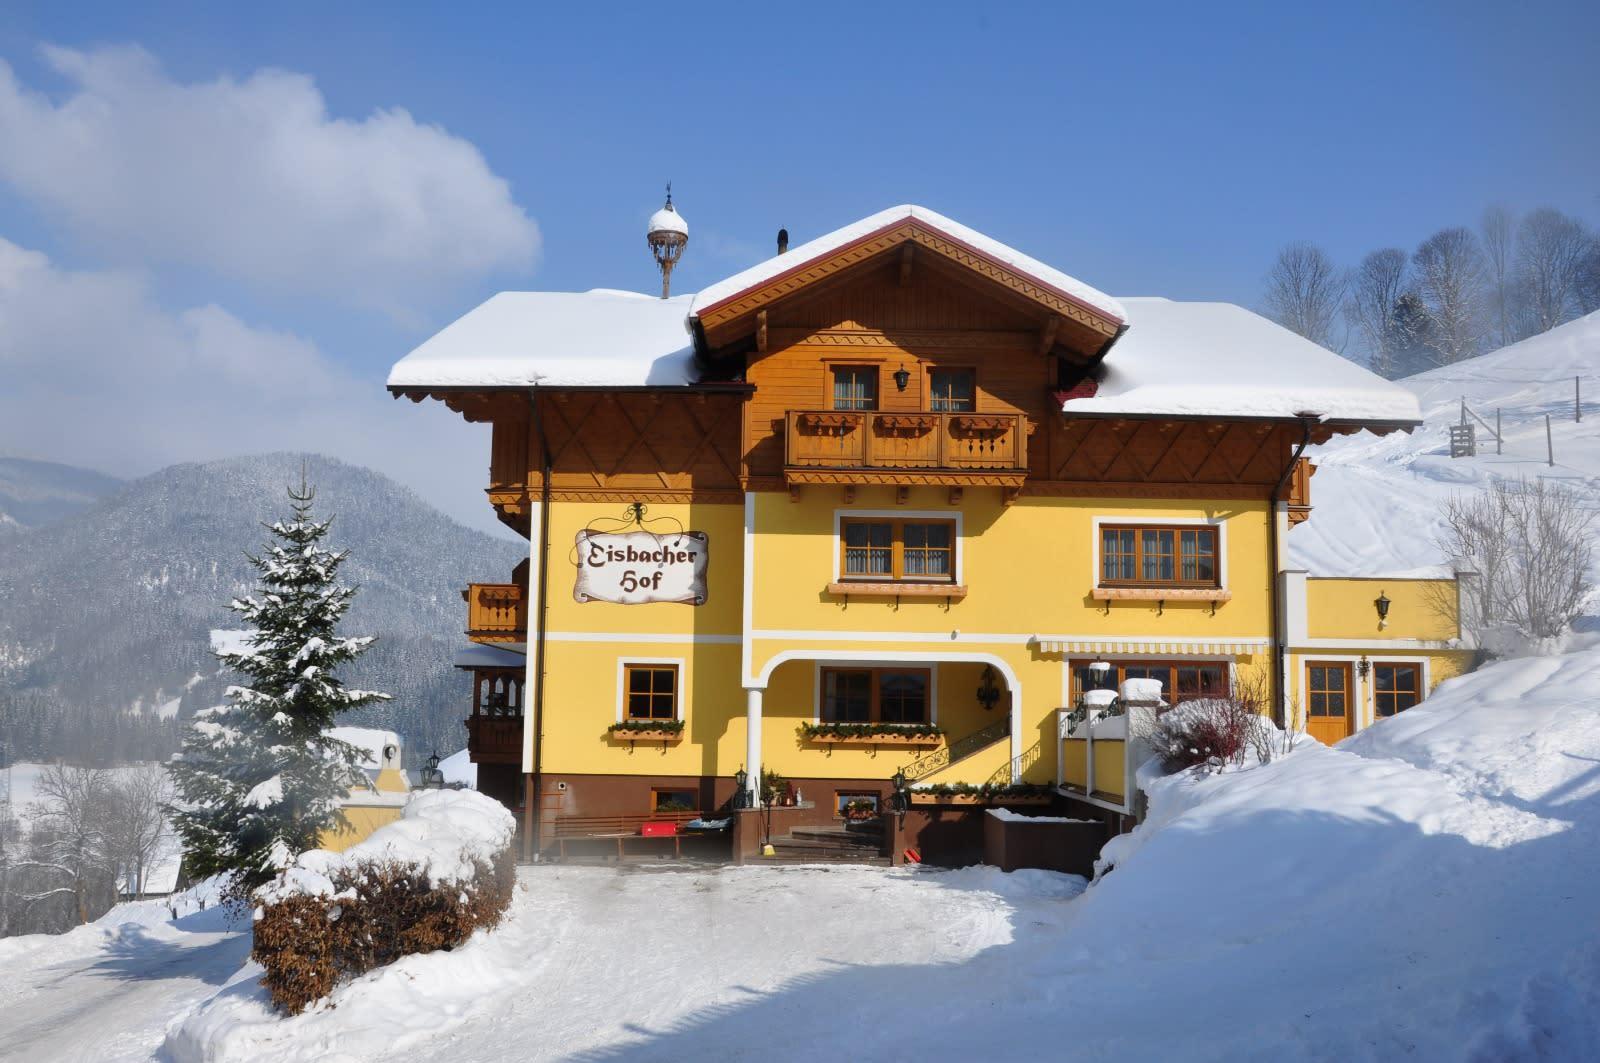 Eisbacherhof Winter